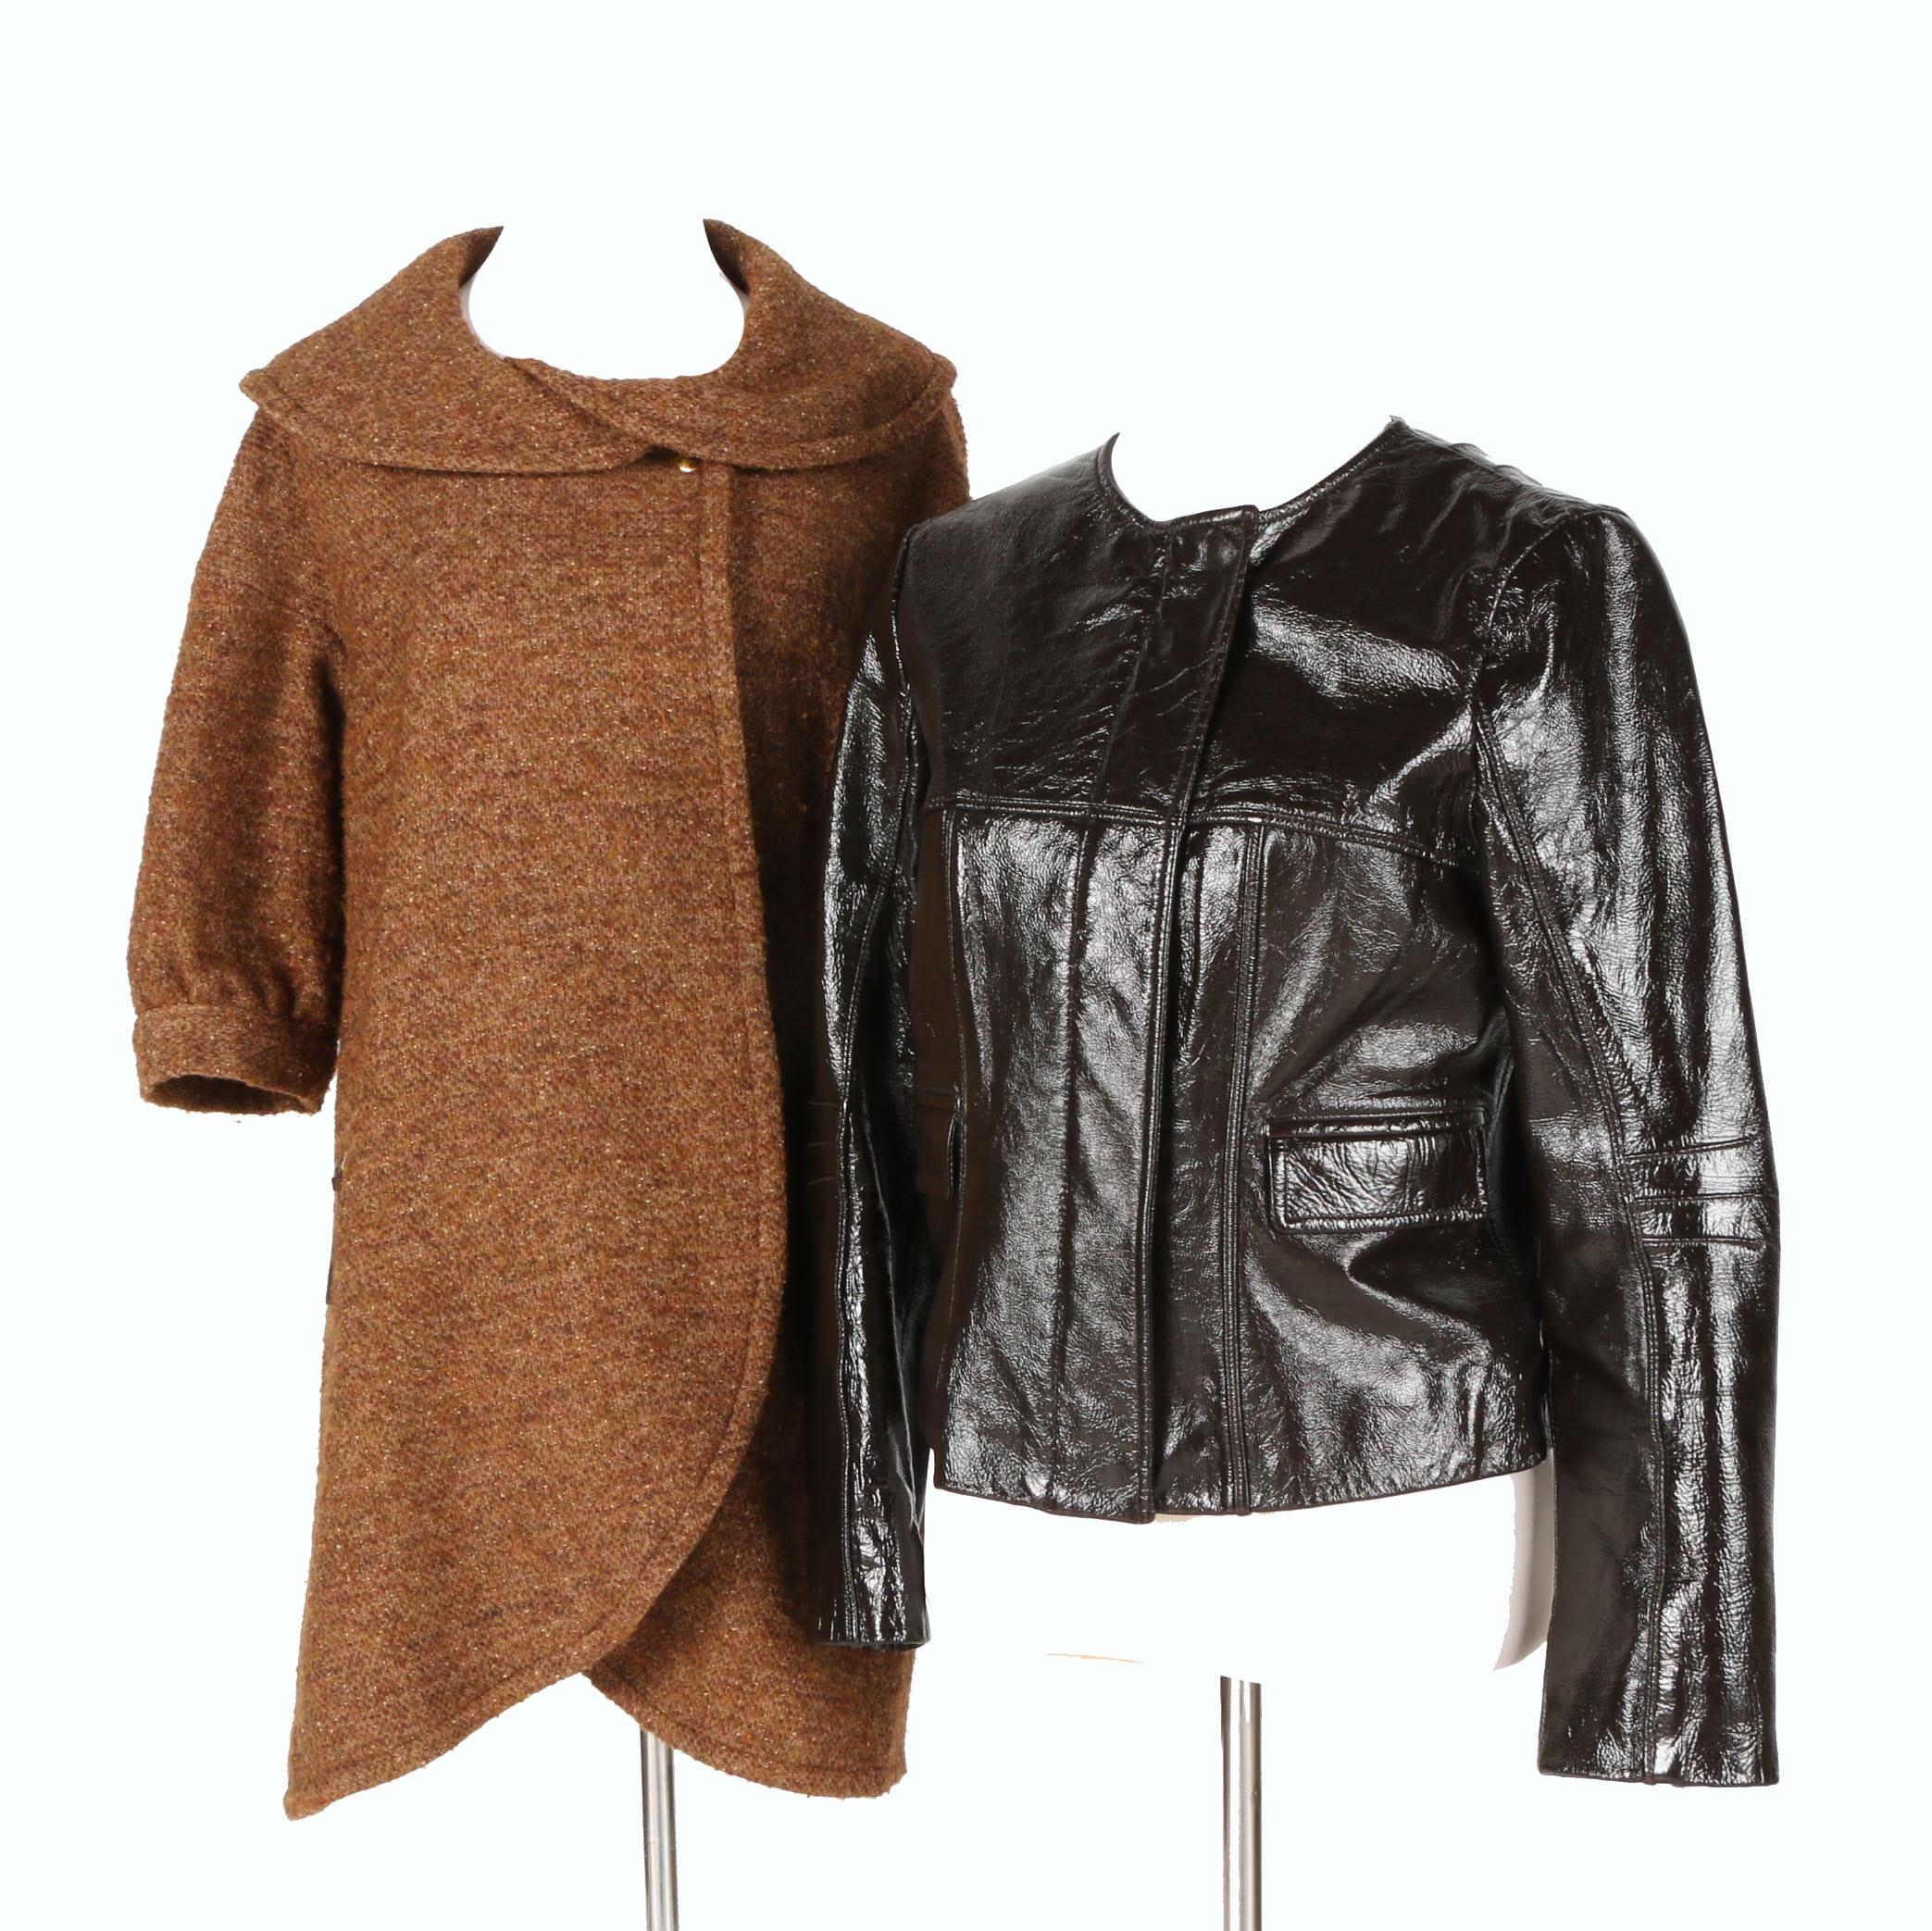 Pair of Vittadini Coats